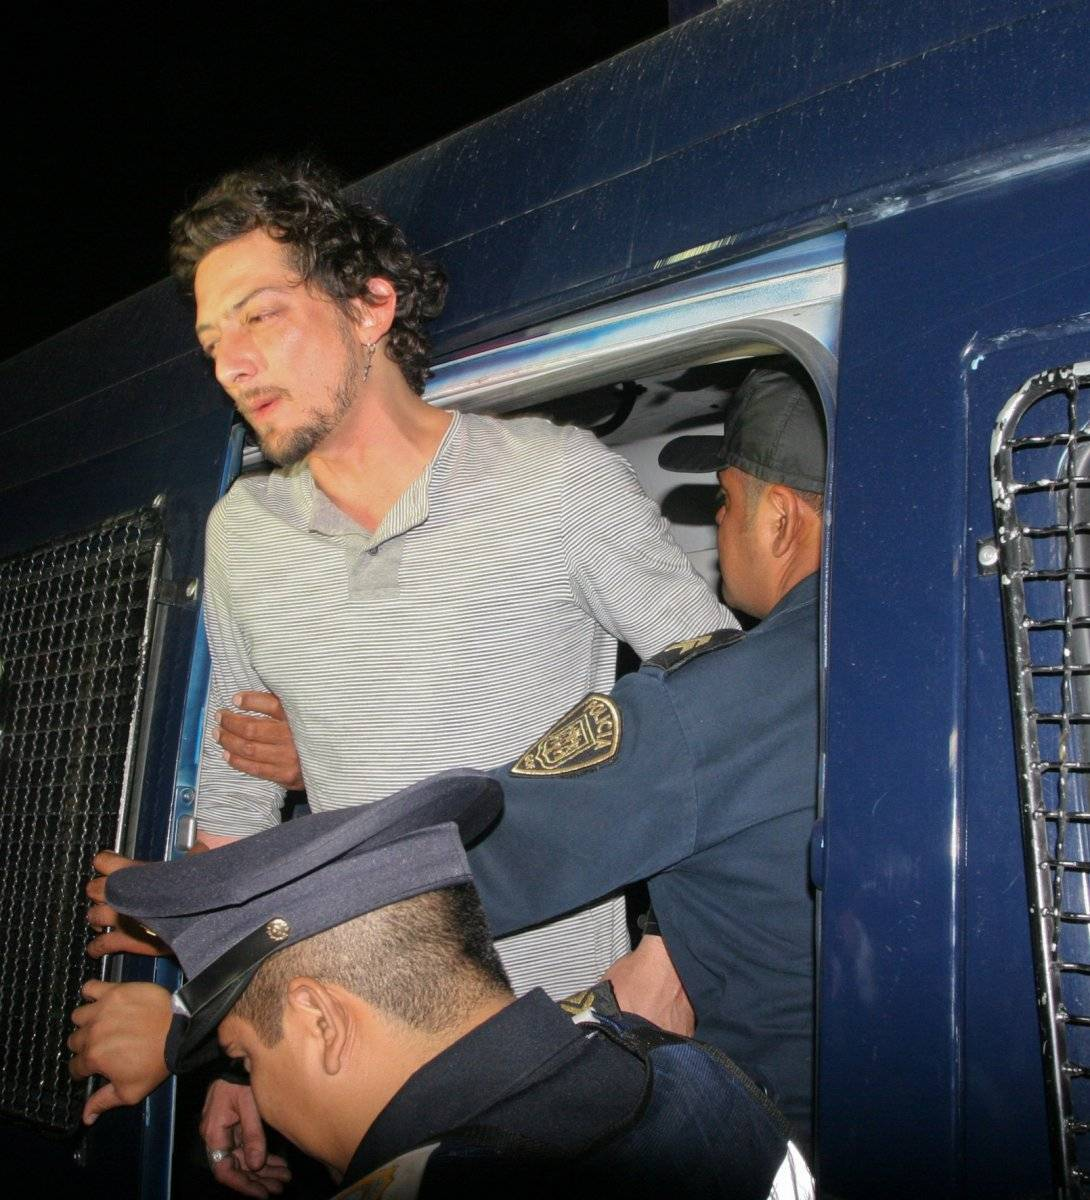 Leon Larregui, vocalista del grupo musical Zoe, fue detenido bajo los efectos de sustancias tóxicas y bebidas embriagantes. Foto: Cuartoscuro.